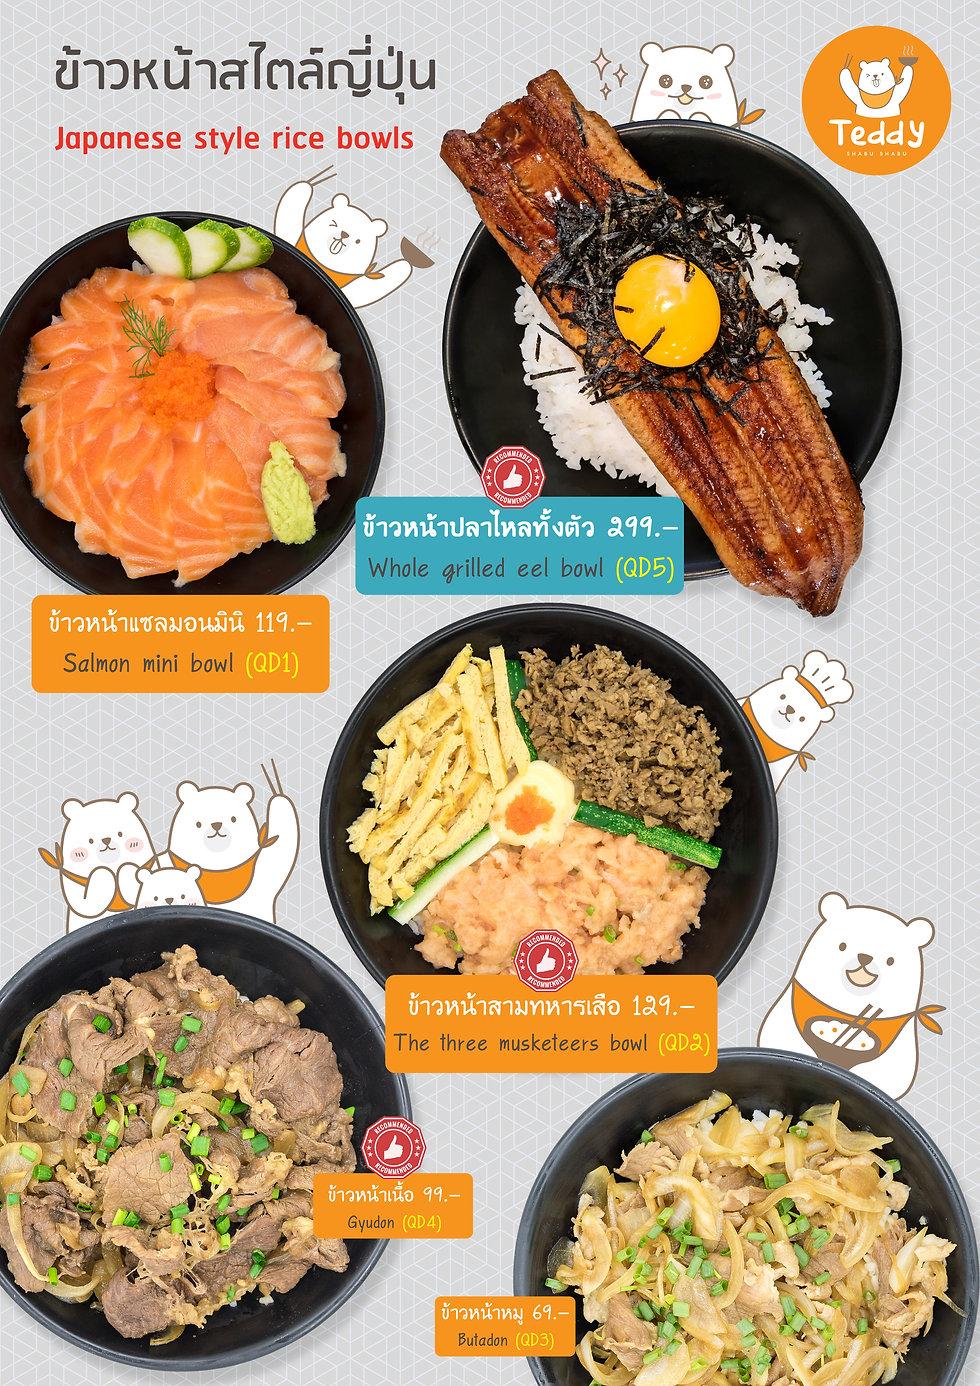 10-Rice bowls.JPG